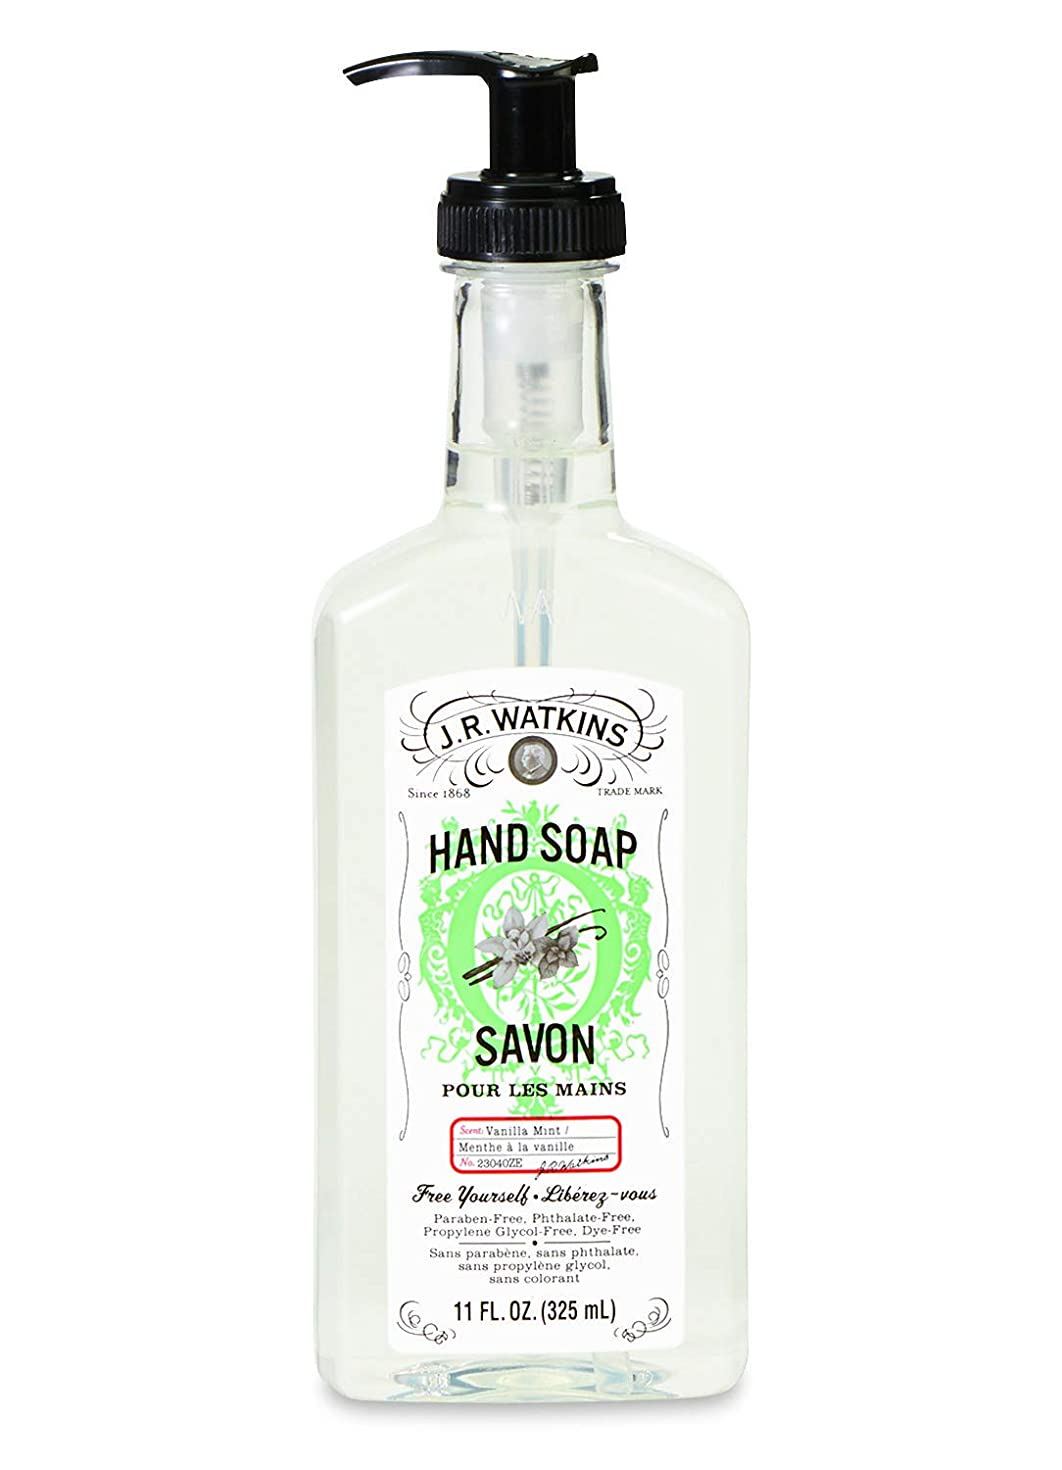 低下密輸そのようなJ.R.Watkins/ハンドソープ バニラミント 325ml リラックス 石鹸 植物由来 保湿 甘い香り